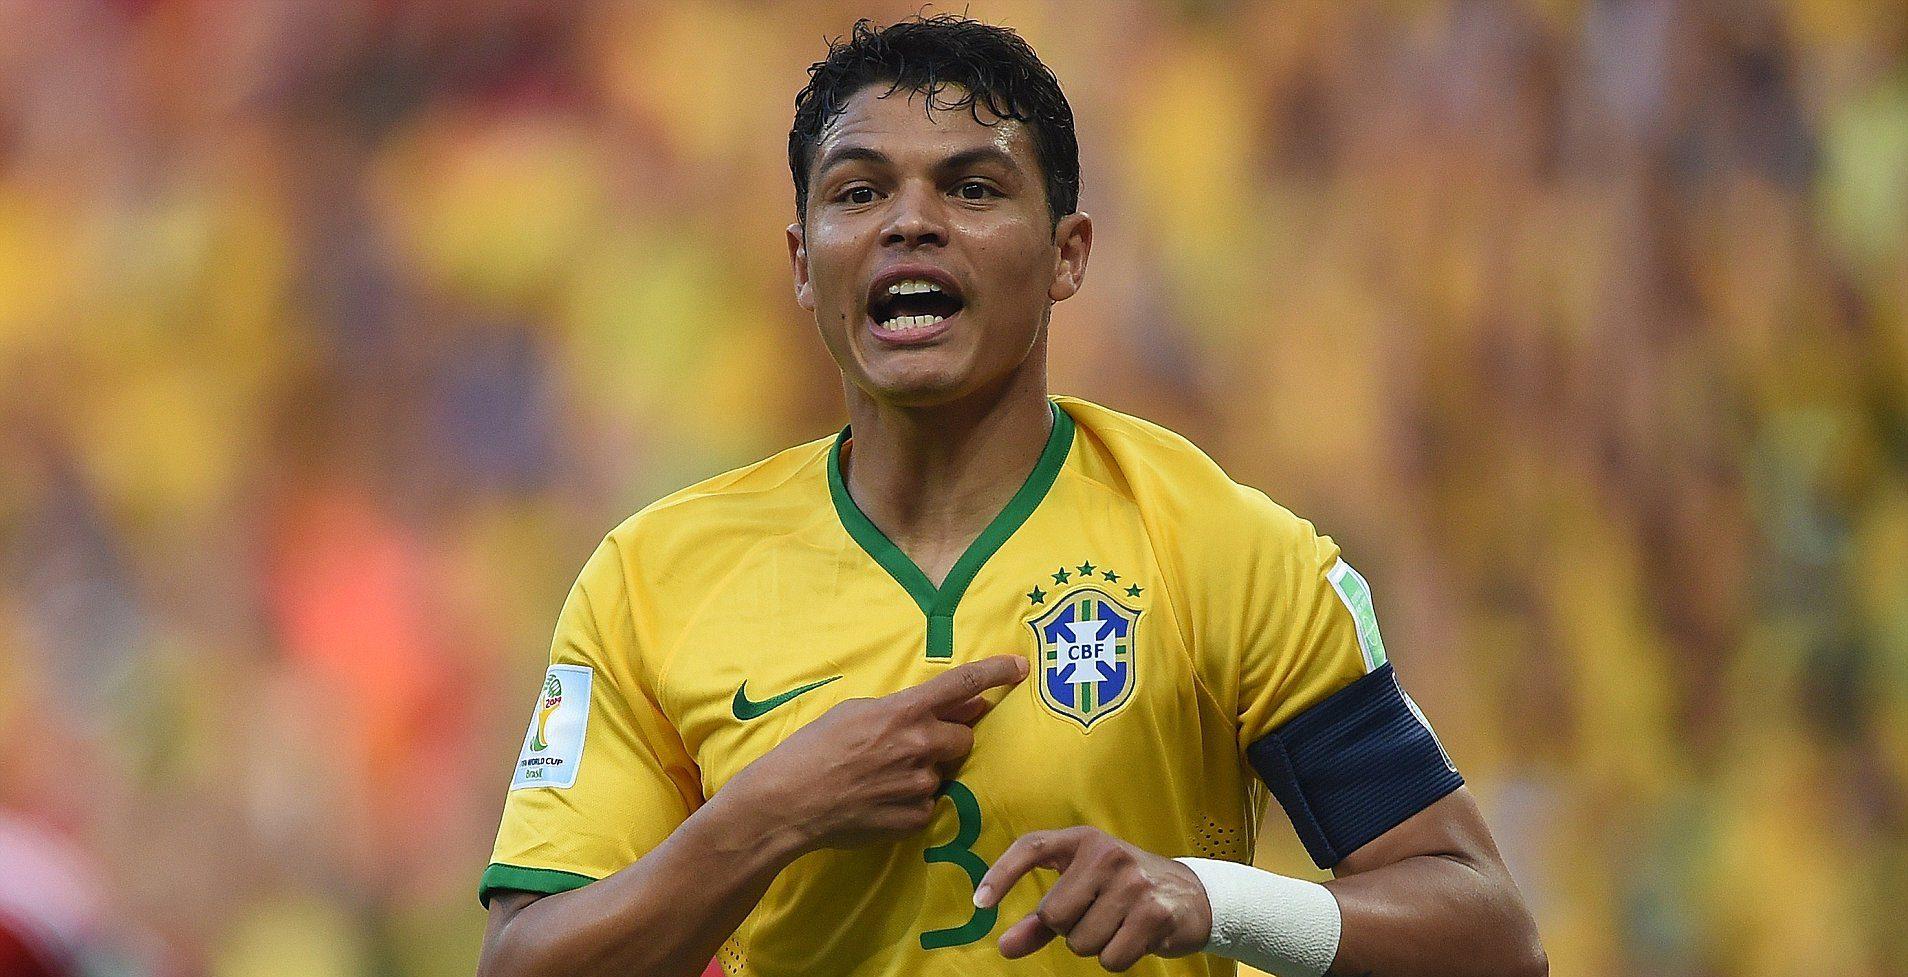 """Destinul lui Thiago Silva! În 2005 a avut tuberculoză și a fost salvat de soție: """"Aveam nevoie de îngeri păzitori"""". Sursă foto: goal.com"""